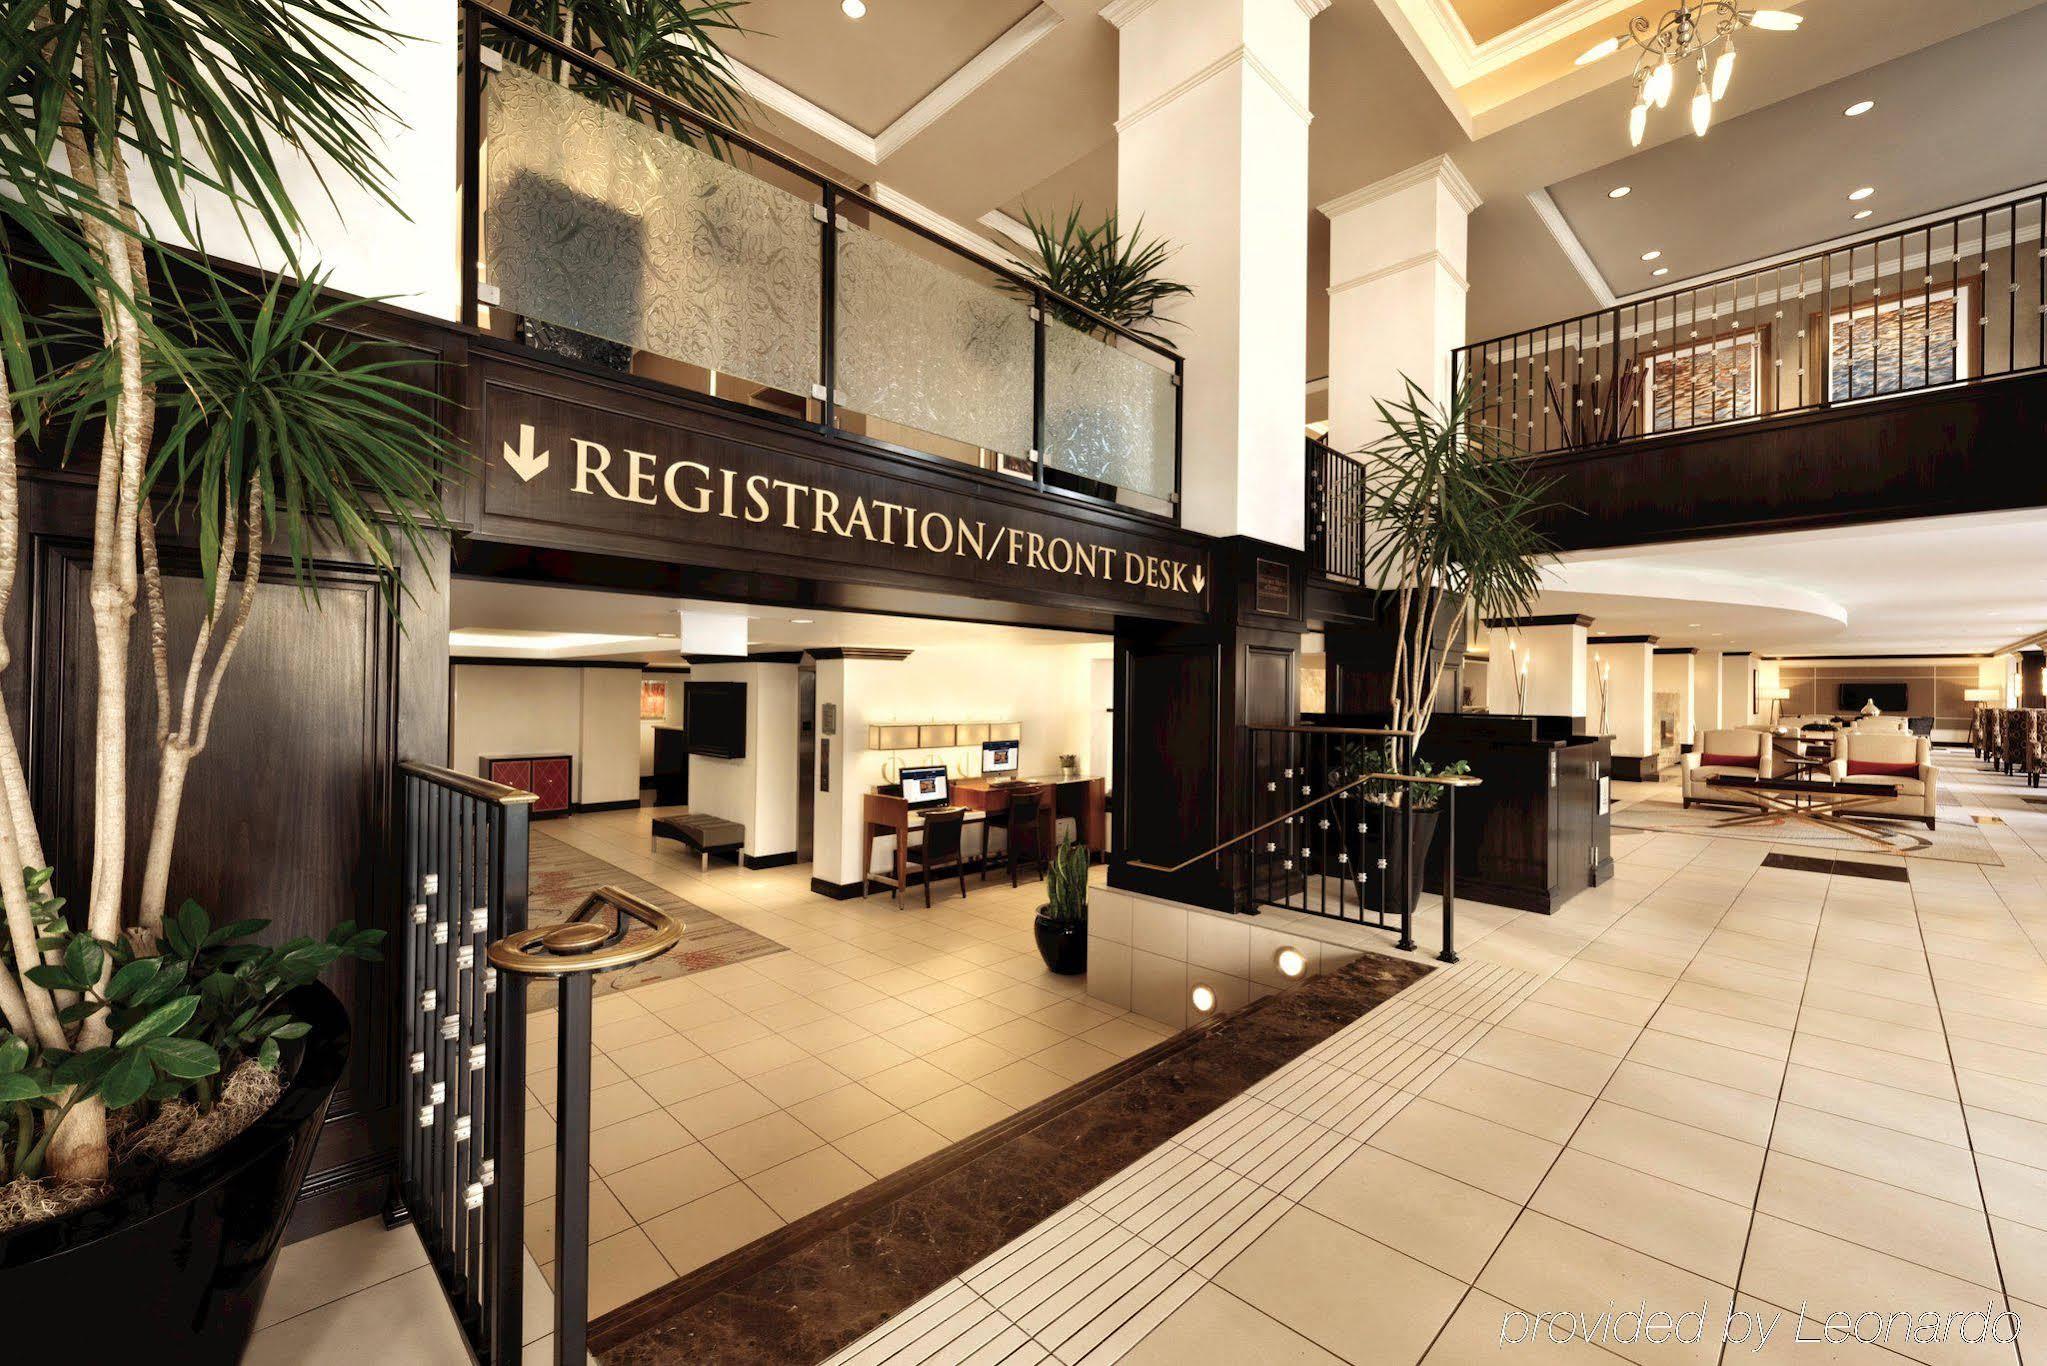 Hilton Orrington / Evanston